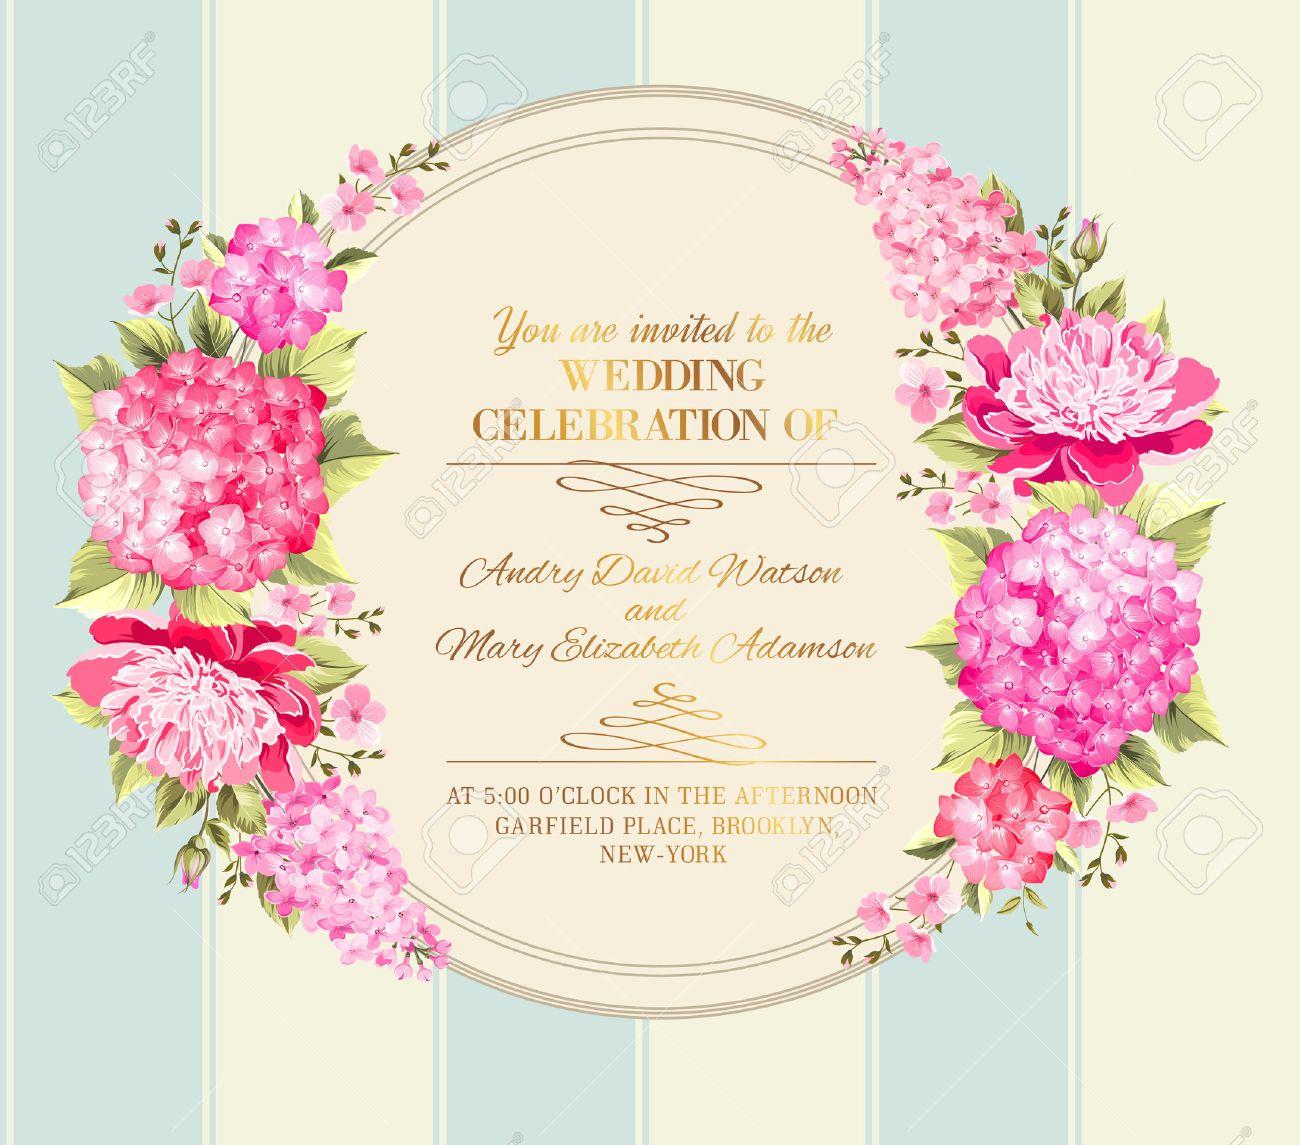 Mariage Carton D Invitation Avec Des Fleurs Roses Vintage Modele De Carte D Invitation De Mariage Avec Garcons Et Filles Des Noms Et Des Guirlandes De Fleurs Vector Illustration Clip Art Libres De Droits